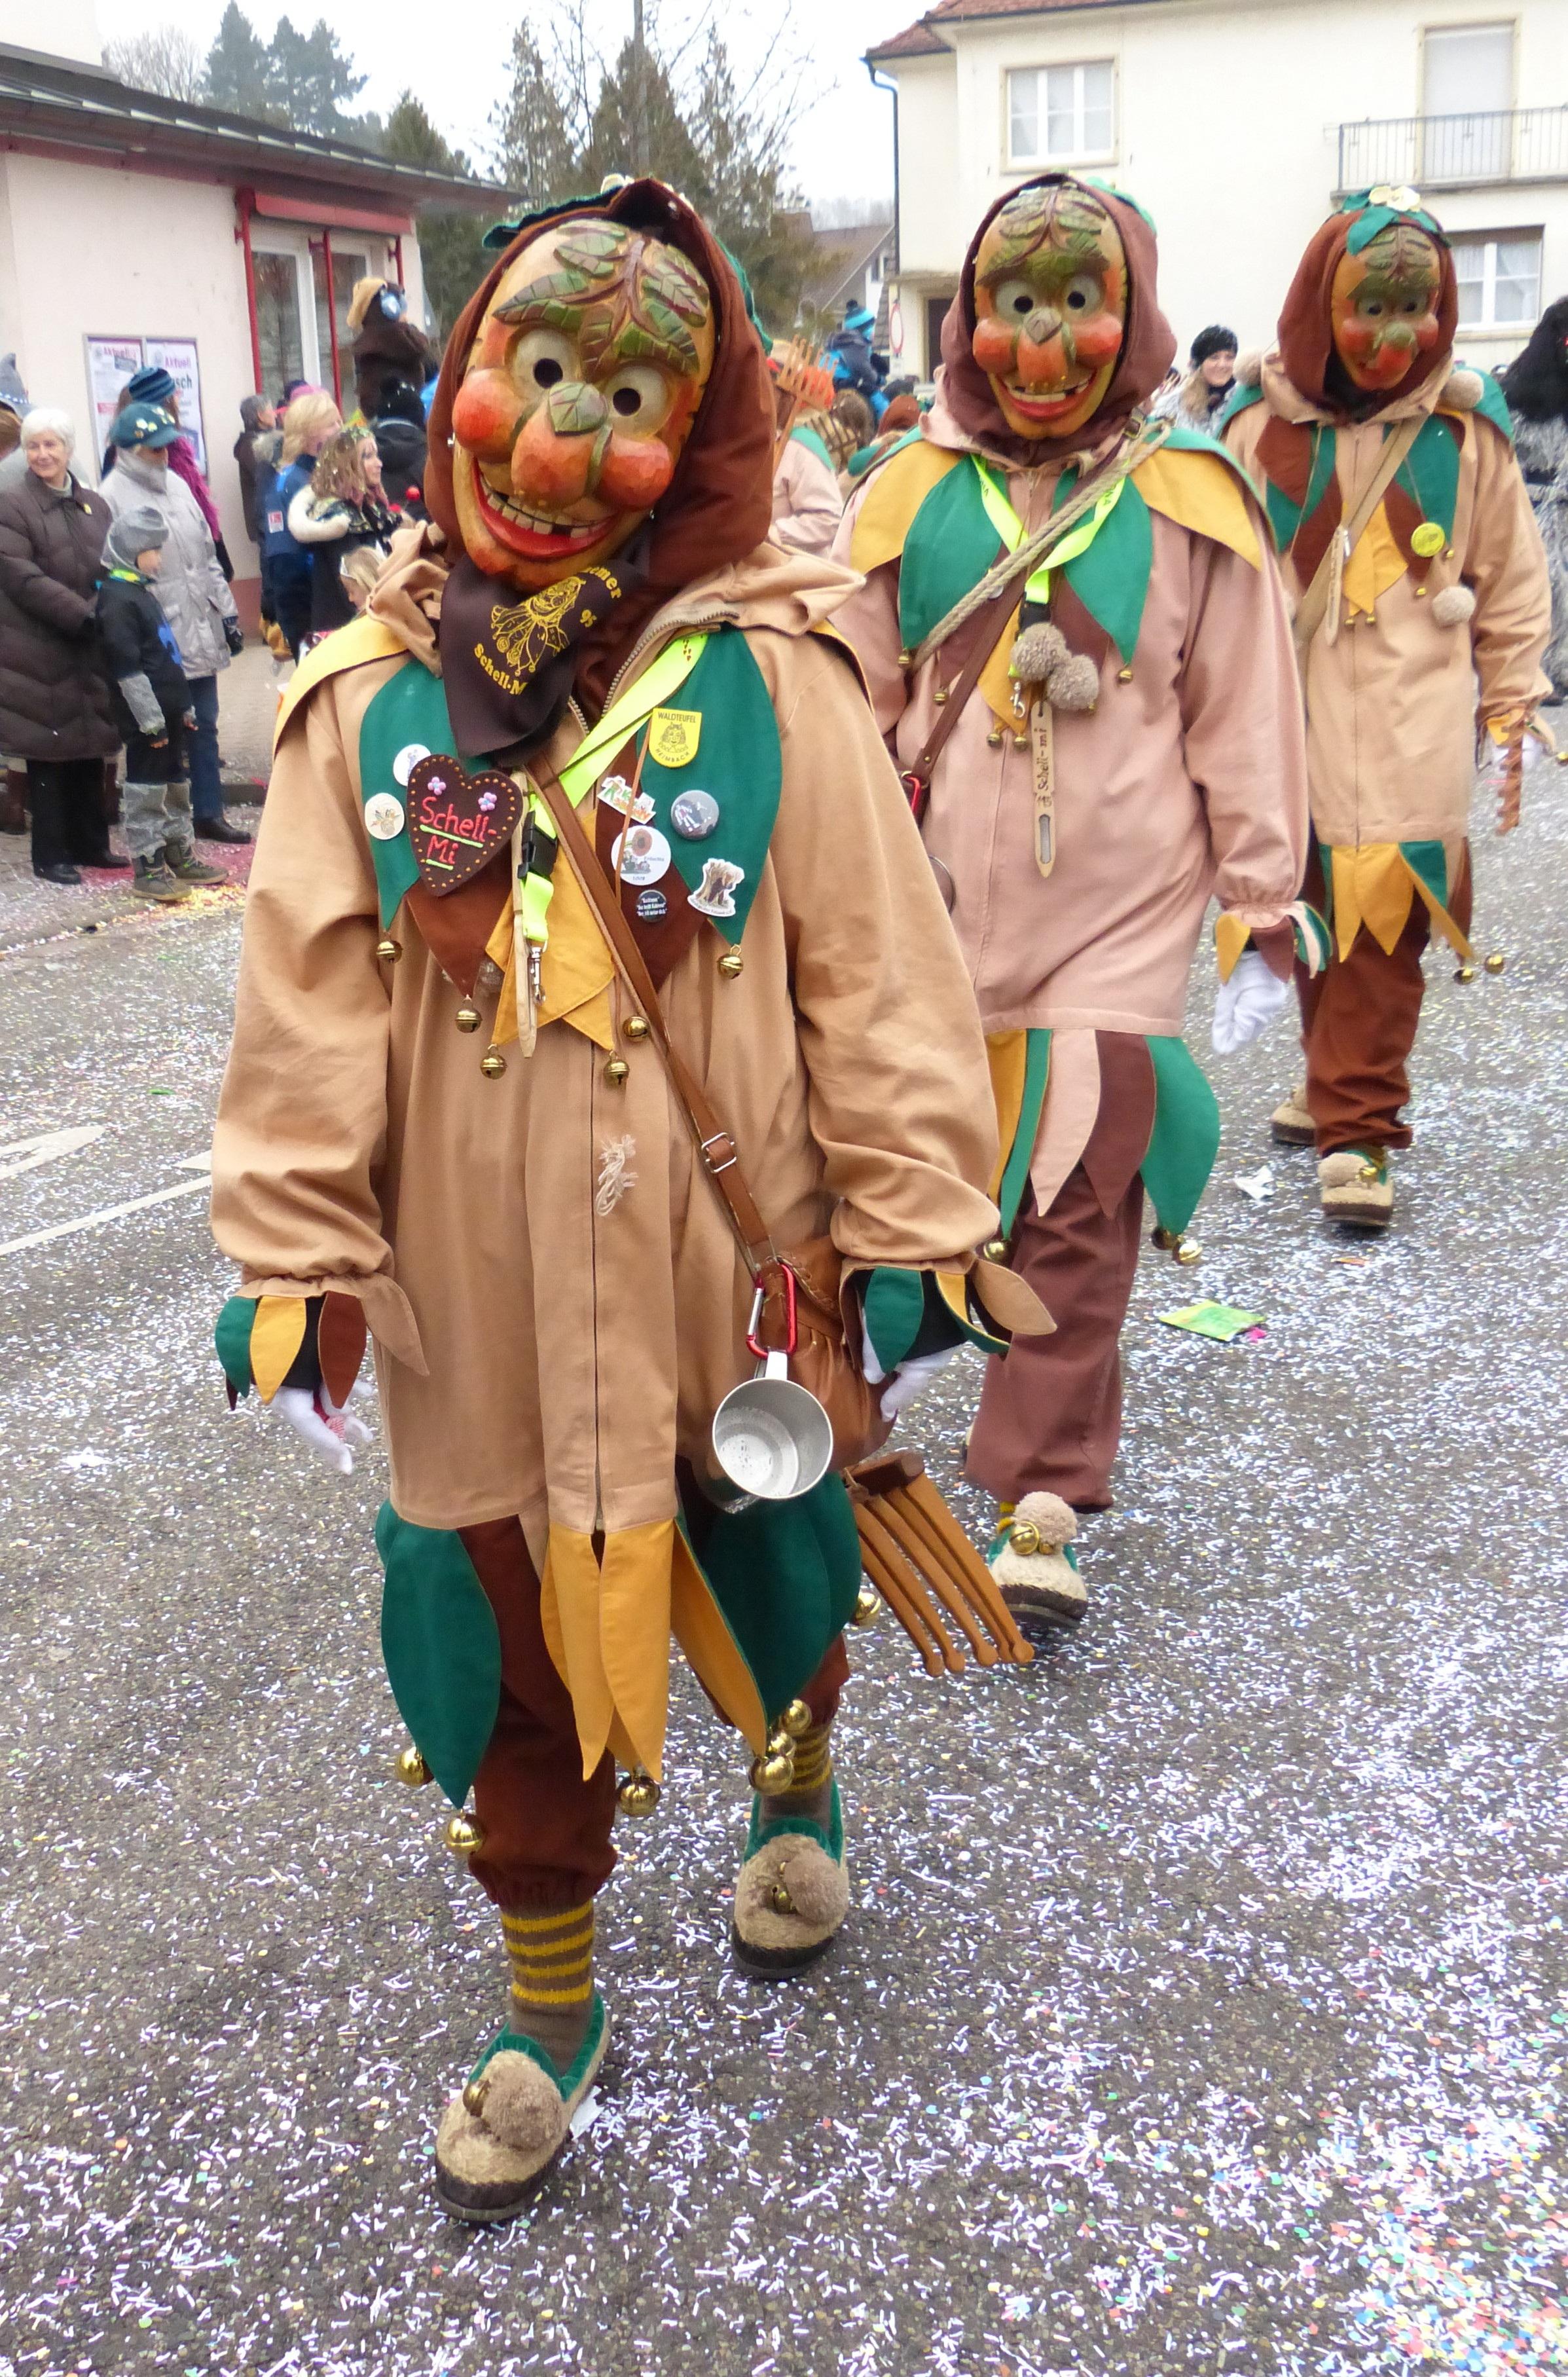 festival kostuum